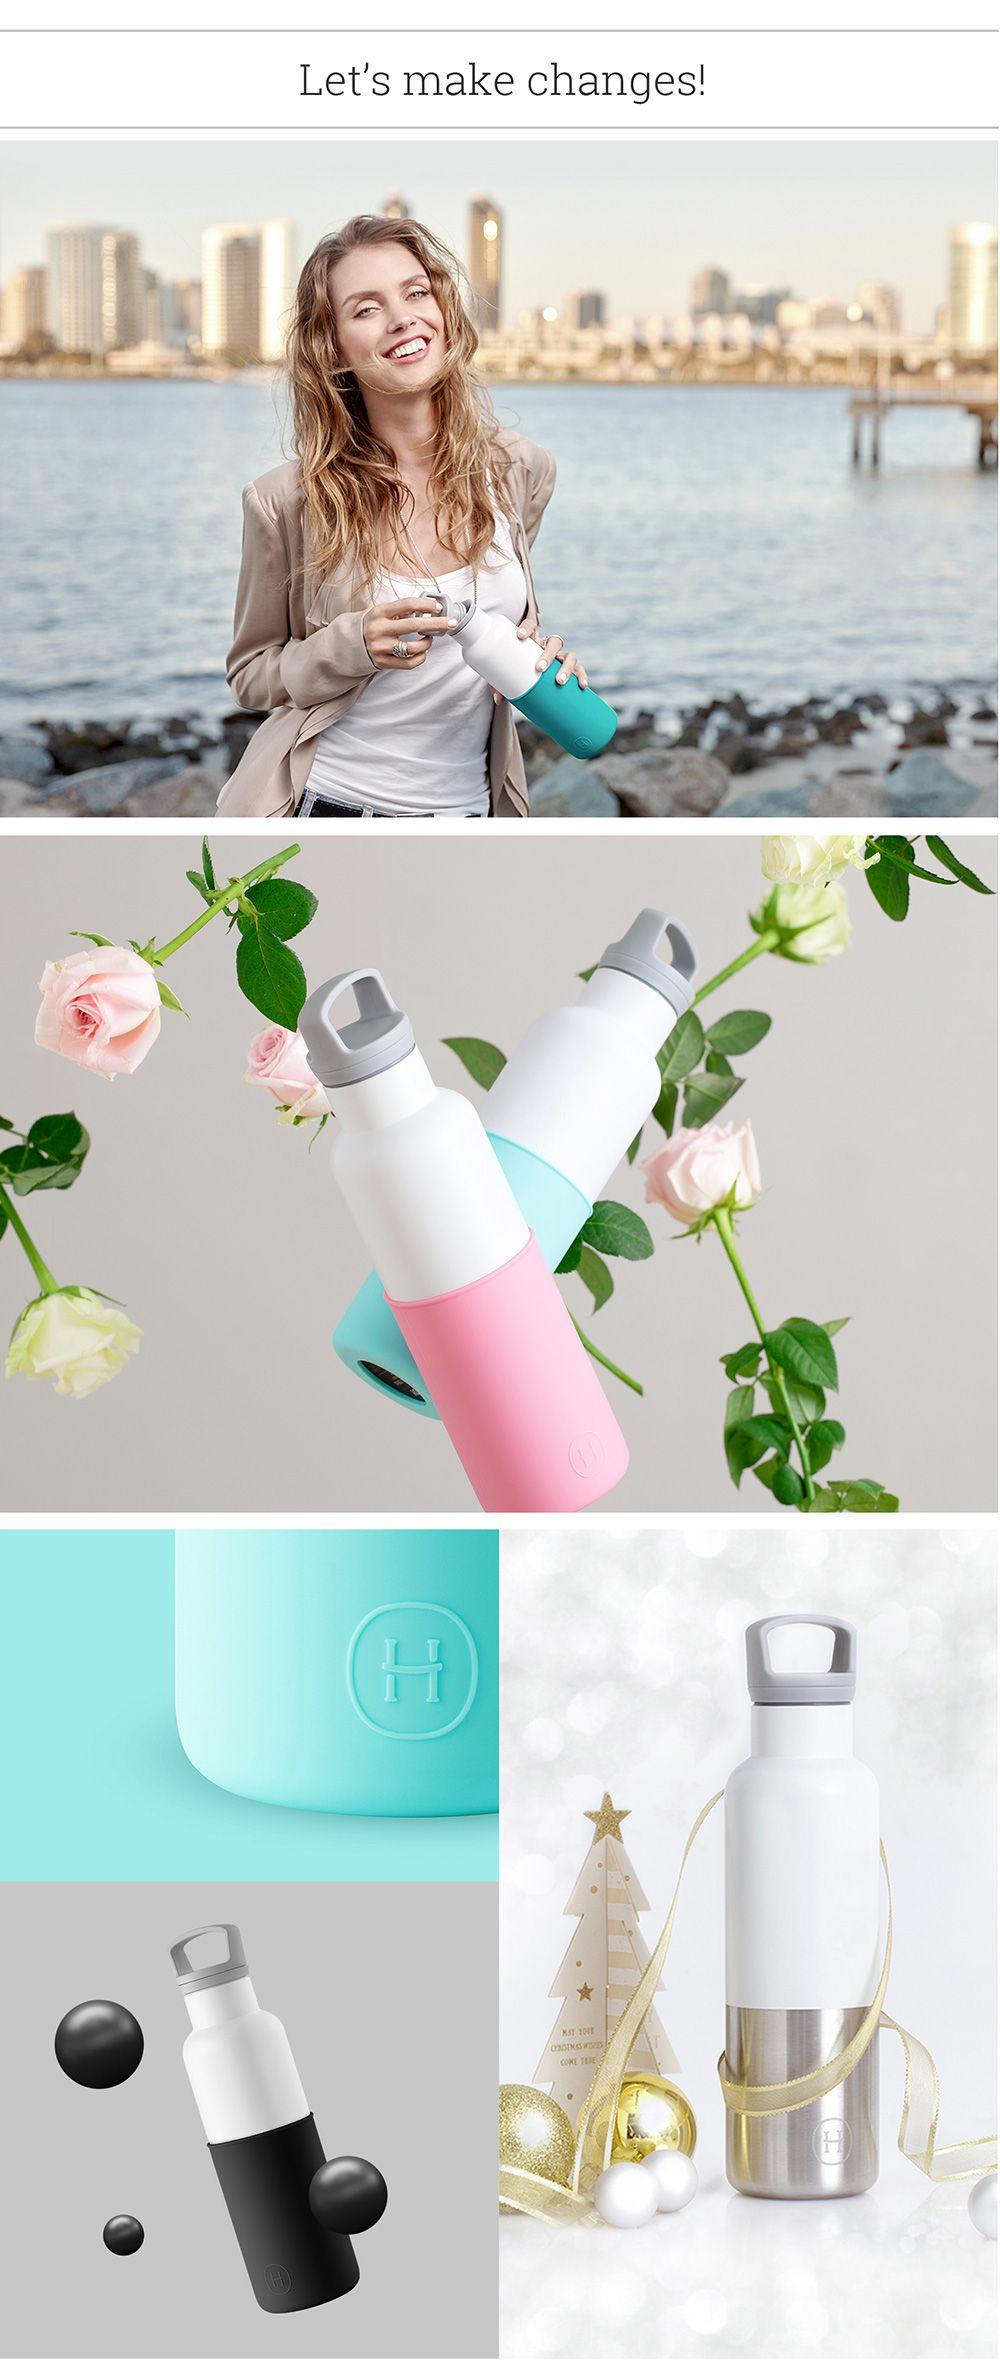 美國 HYDY 時尚不銹鋼保溫水瓶雙瓶組 白瓶北極藍+白瓶深青